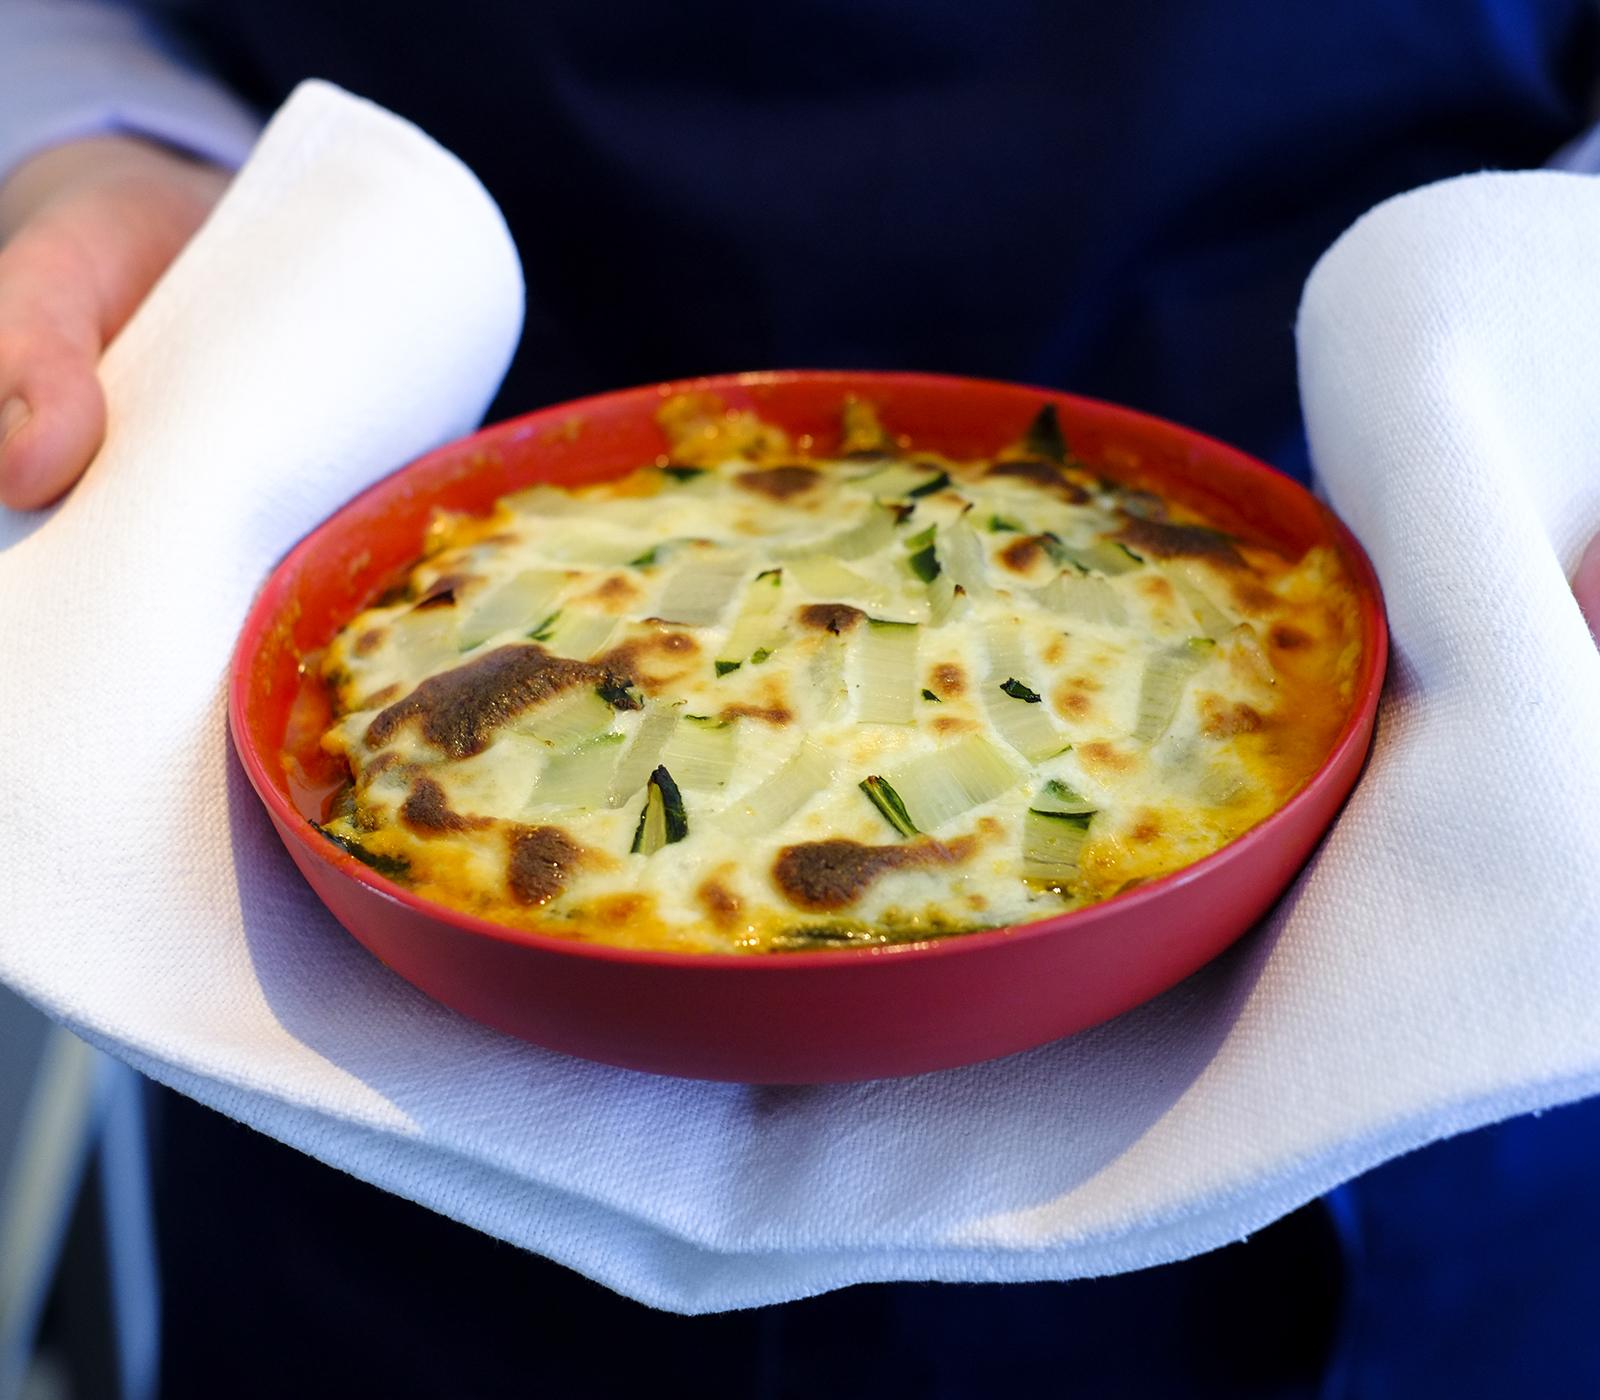 Krautstiel lasagne annemarie wildeisens kochen for Kochen 5 personen